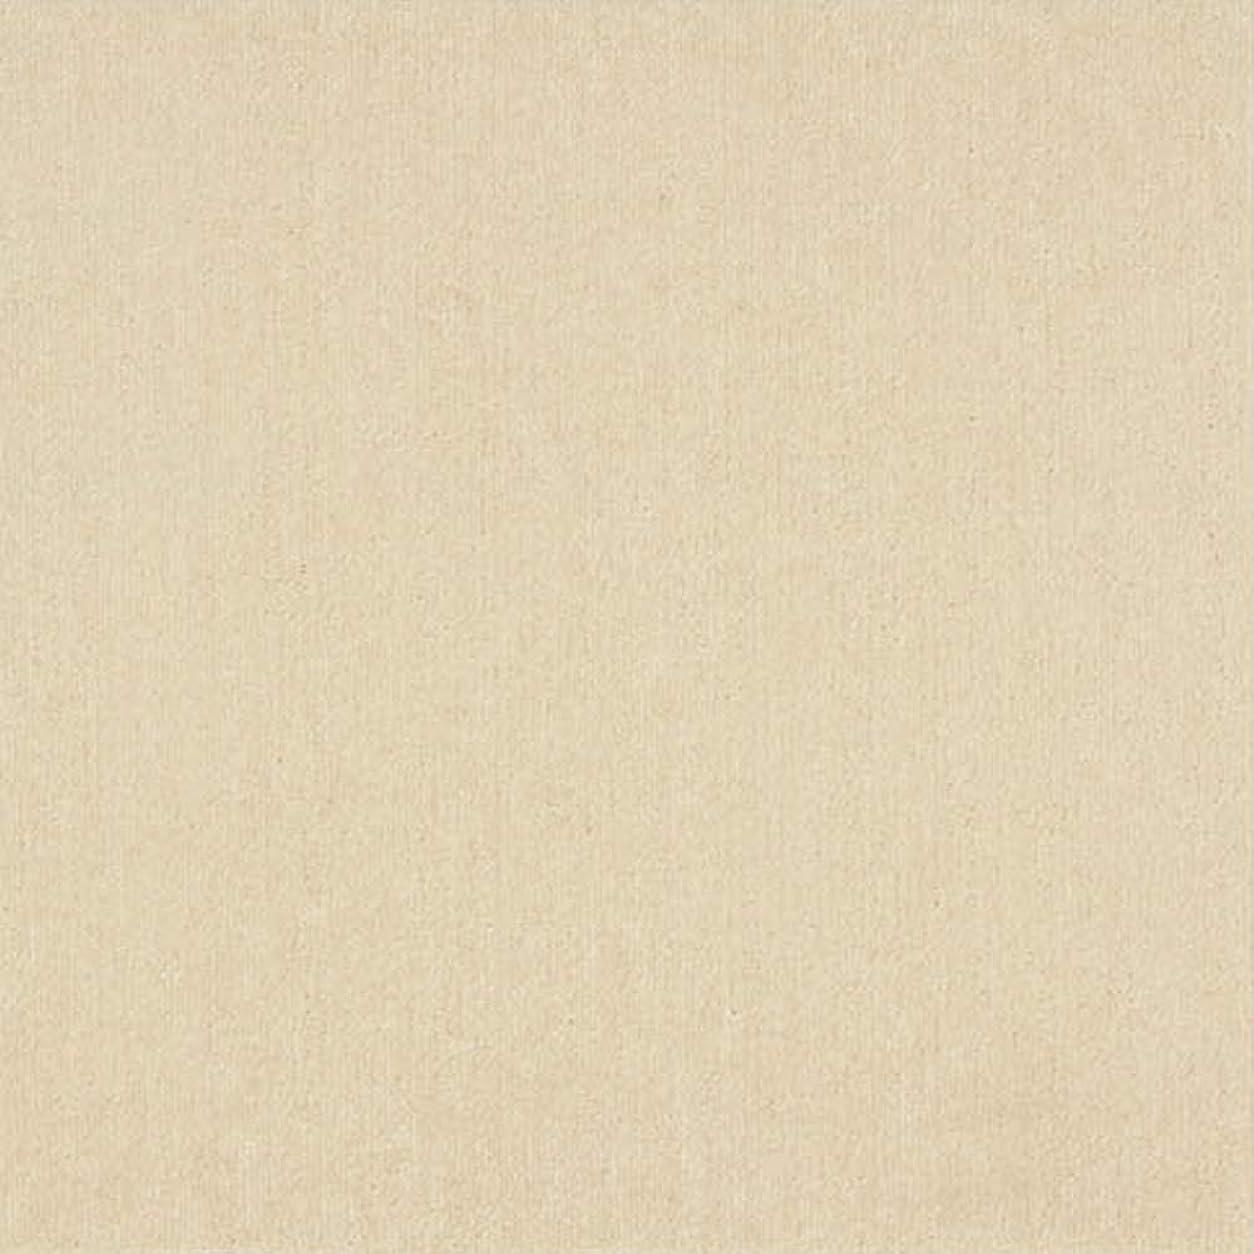 肥満返済部屋を掃除する【洗える】スミノエタイルカーペット R-2000 プレーン 50×50cm 4枚入り 2001(アイボリー)